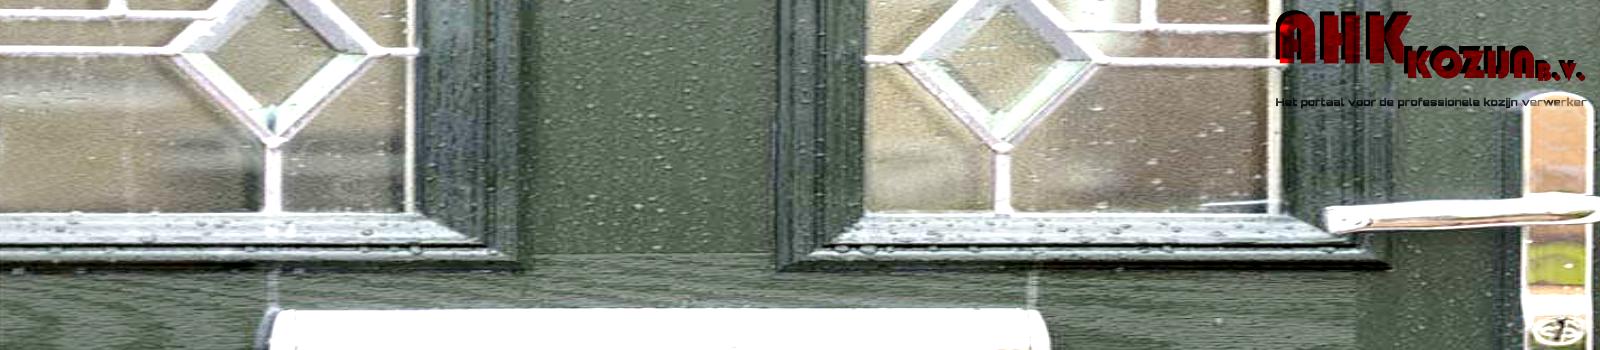 deuren voordeur, voordeuren, kunststof deur, aluminium deur, houten deur, veilige deur, duurzame deur, garantie deur, deuren op maat, deceuninck kozijnen, gealan kozijnen, aluminium kozijnen, houten kozijnen